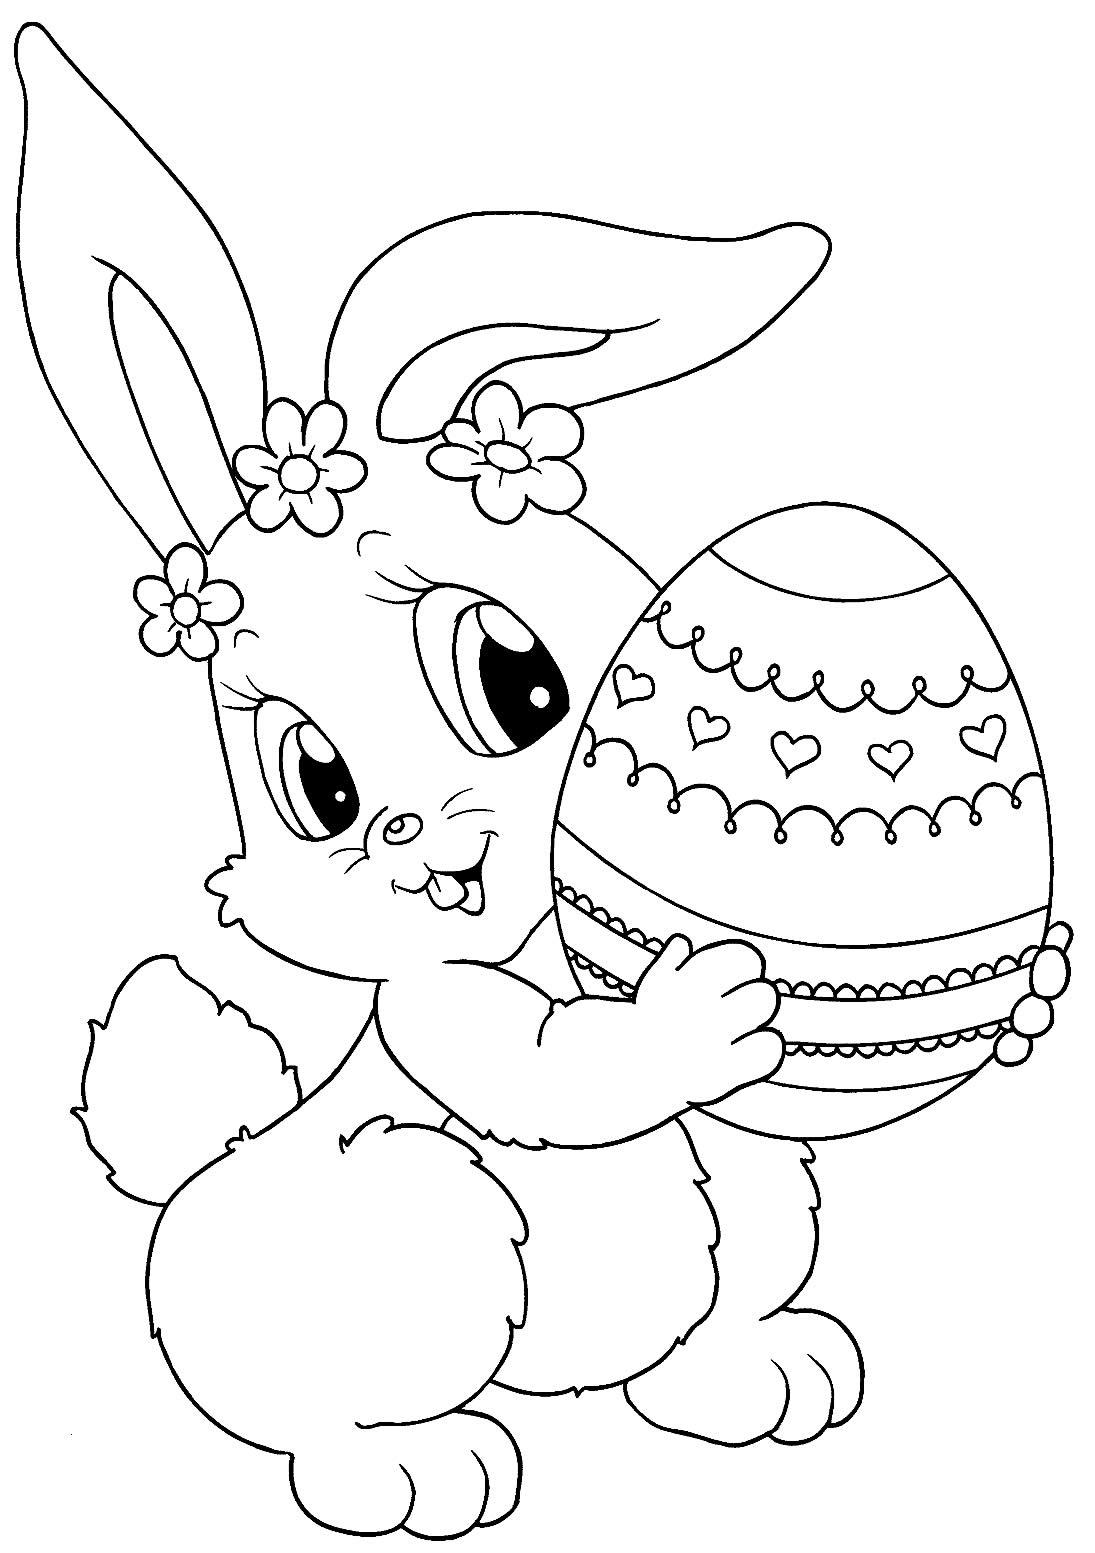 Desenho de Coelhinho com Ovo de Páscoa para colorir